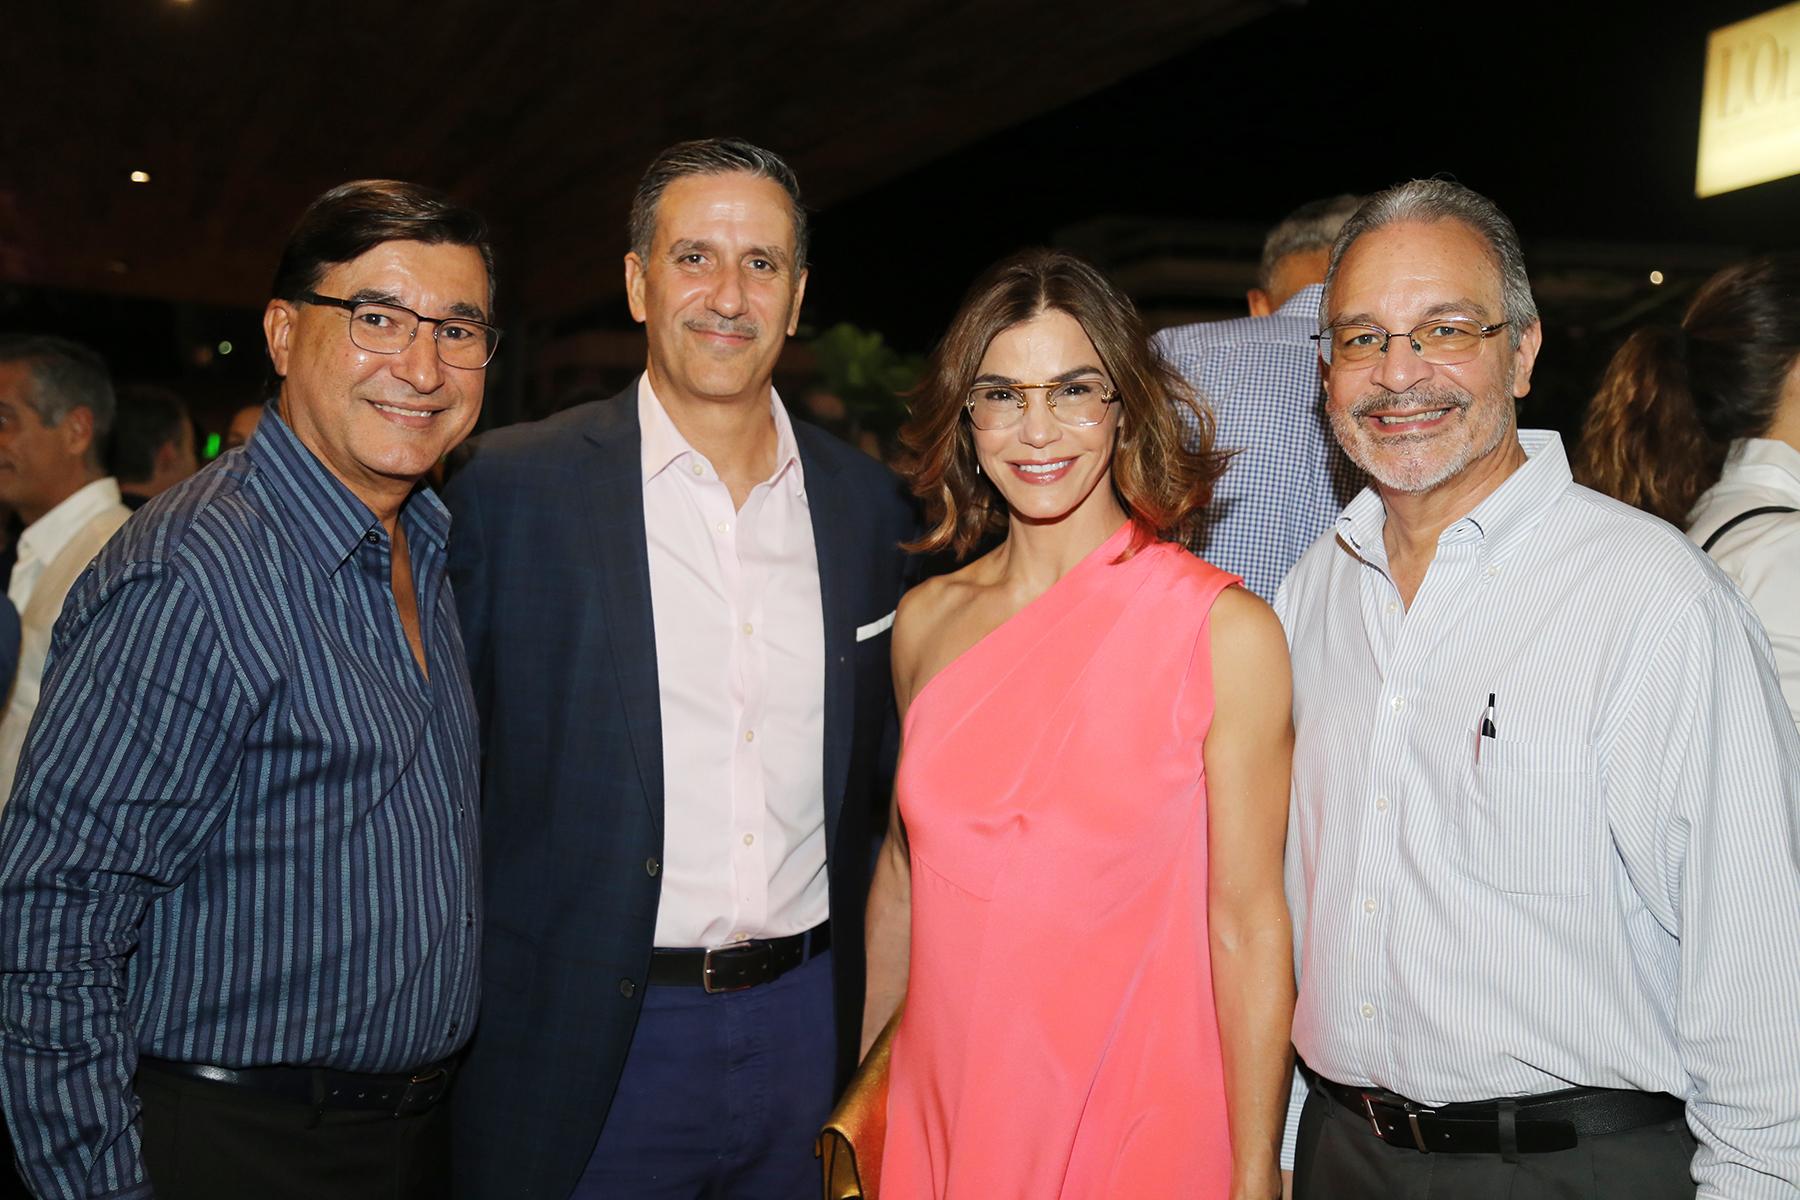 Jorge Mercado, Agustín Meizoso, Loren Ferré Rangel y Carlos Soto. (Foto: Nichole Saldarriaga)